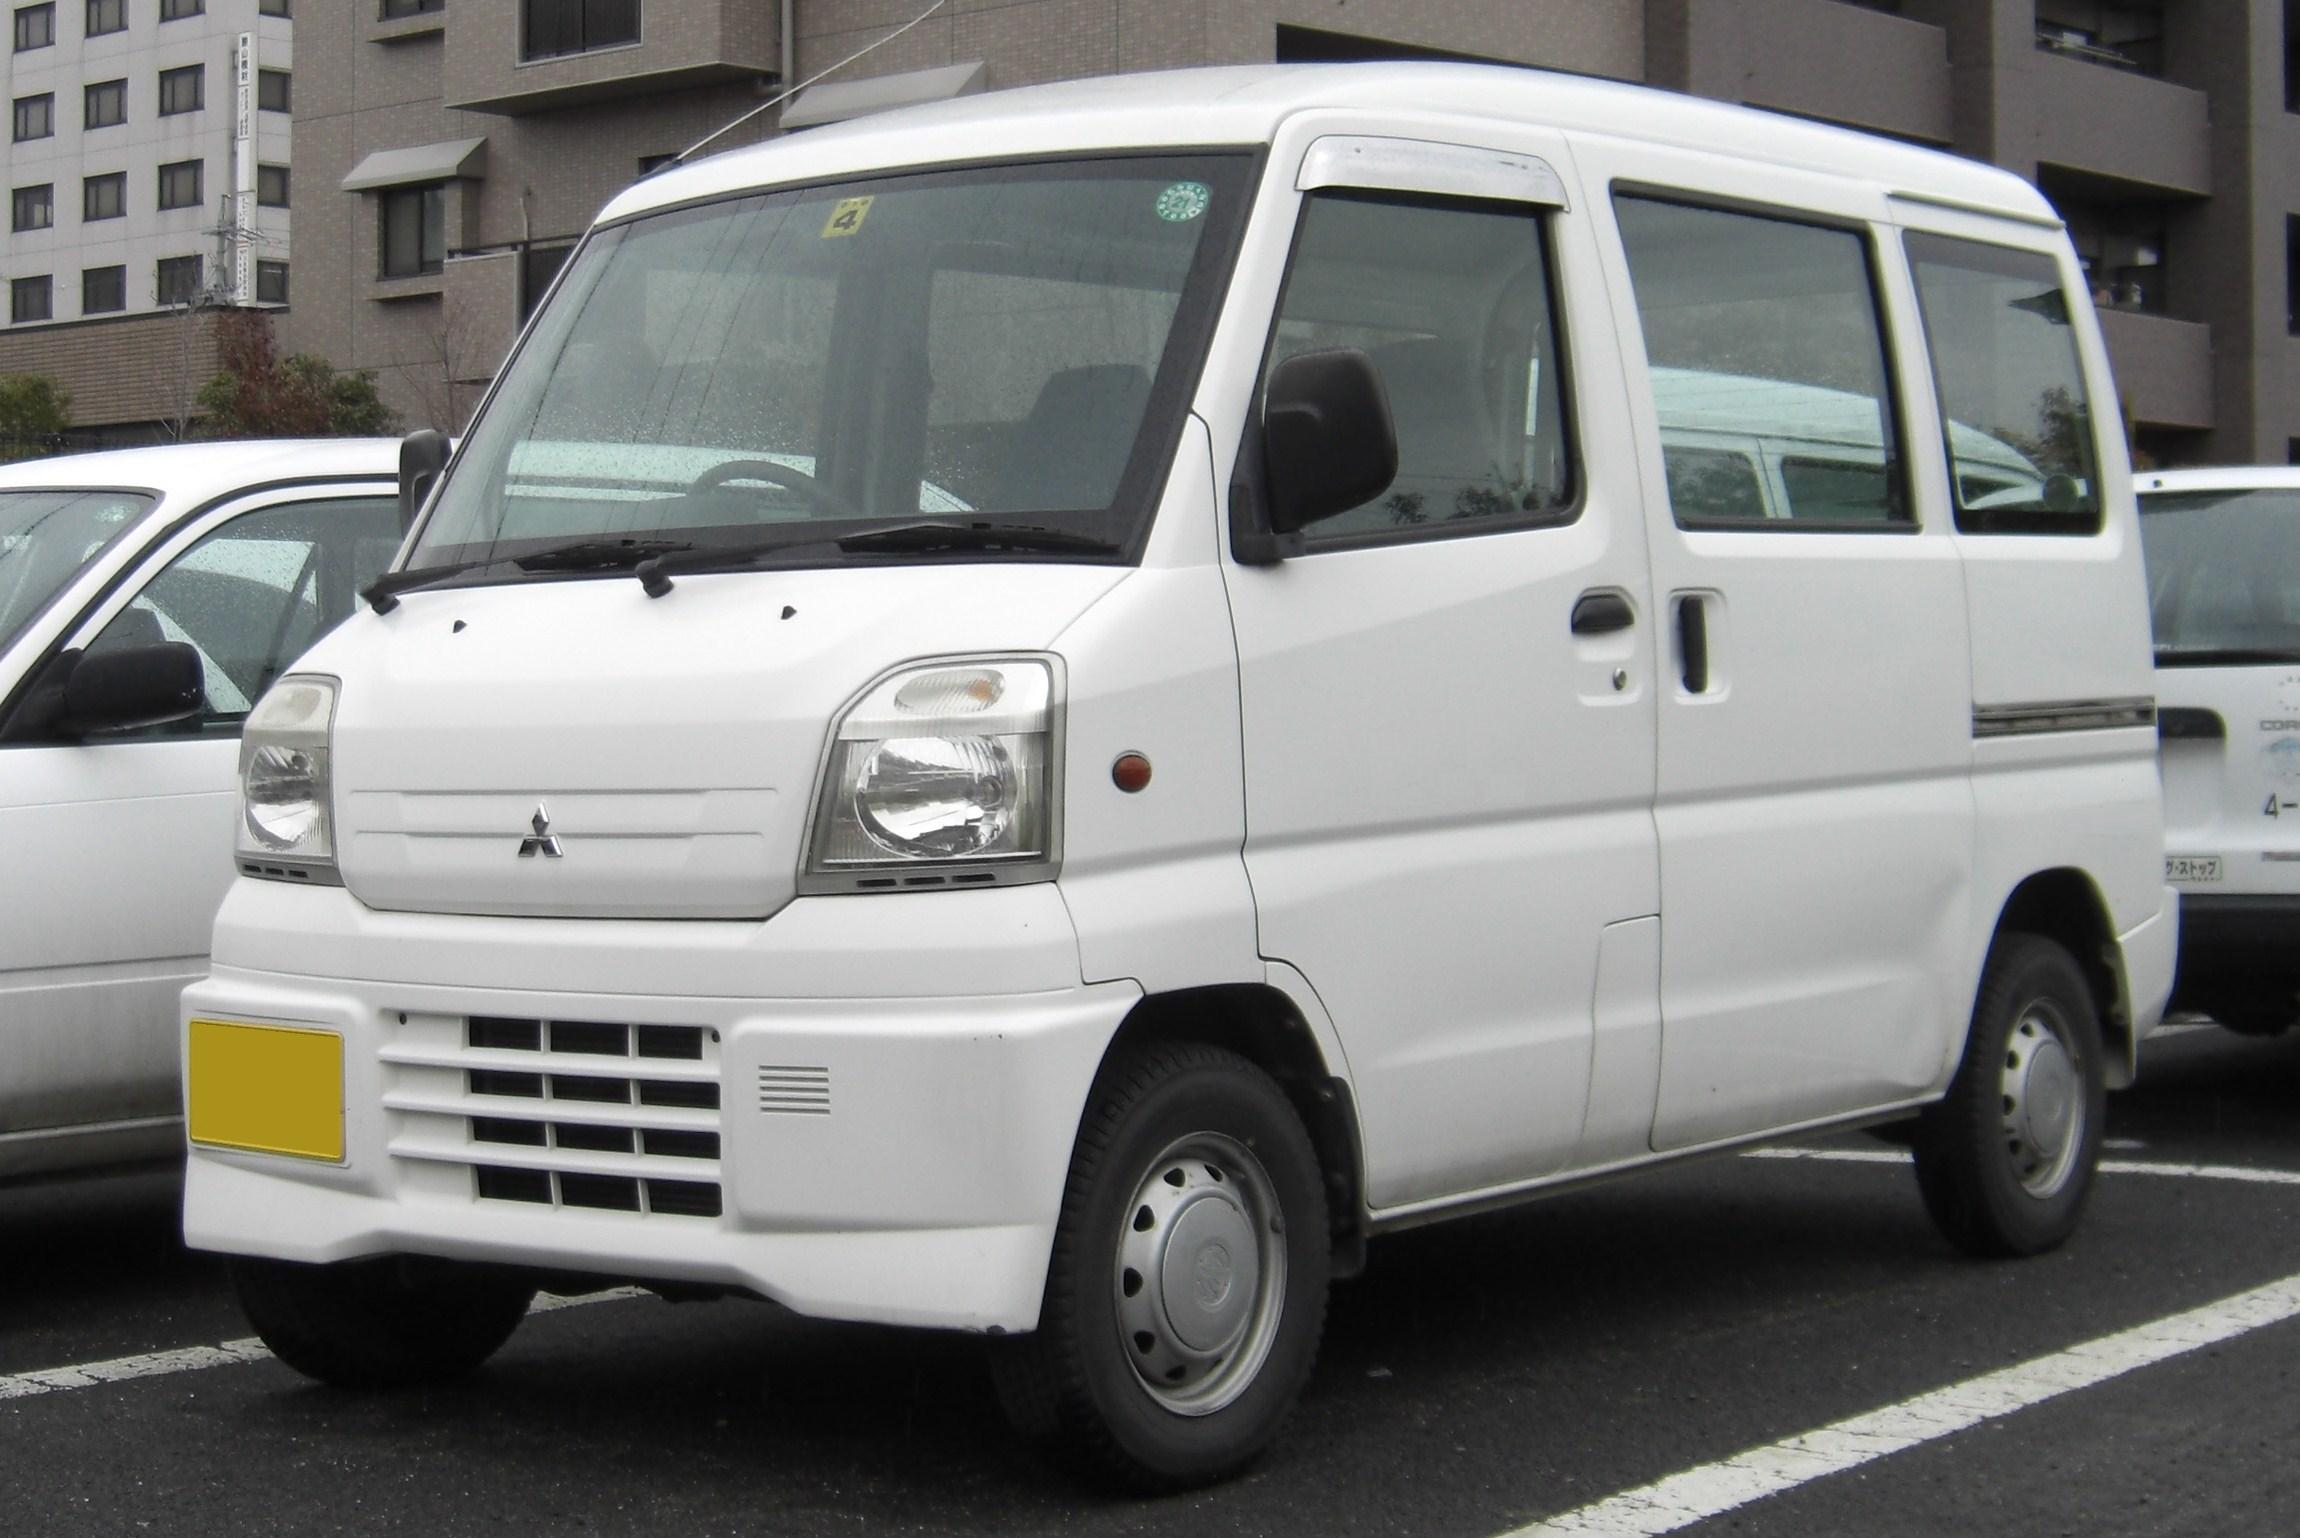 Mitsubishi_Minicab_Van mitsubishi minicab wikipedia